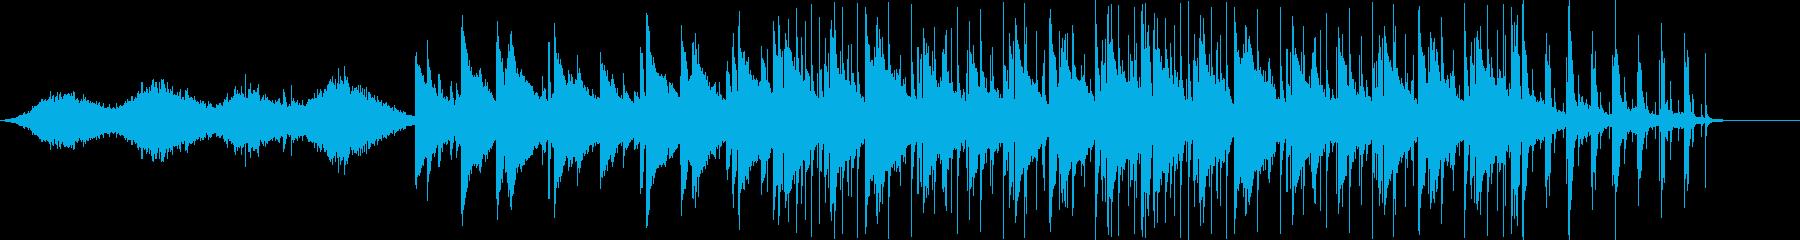 幻想的なピアノとのジャズセッションの再生済みの波形